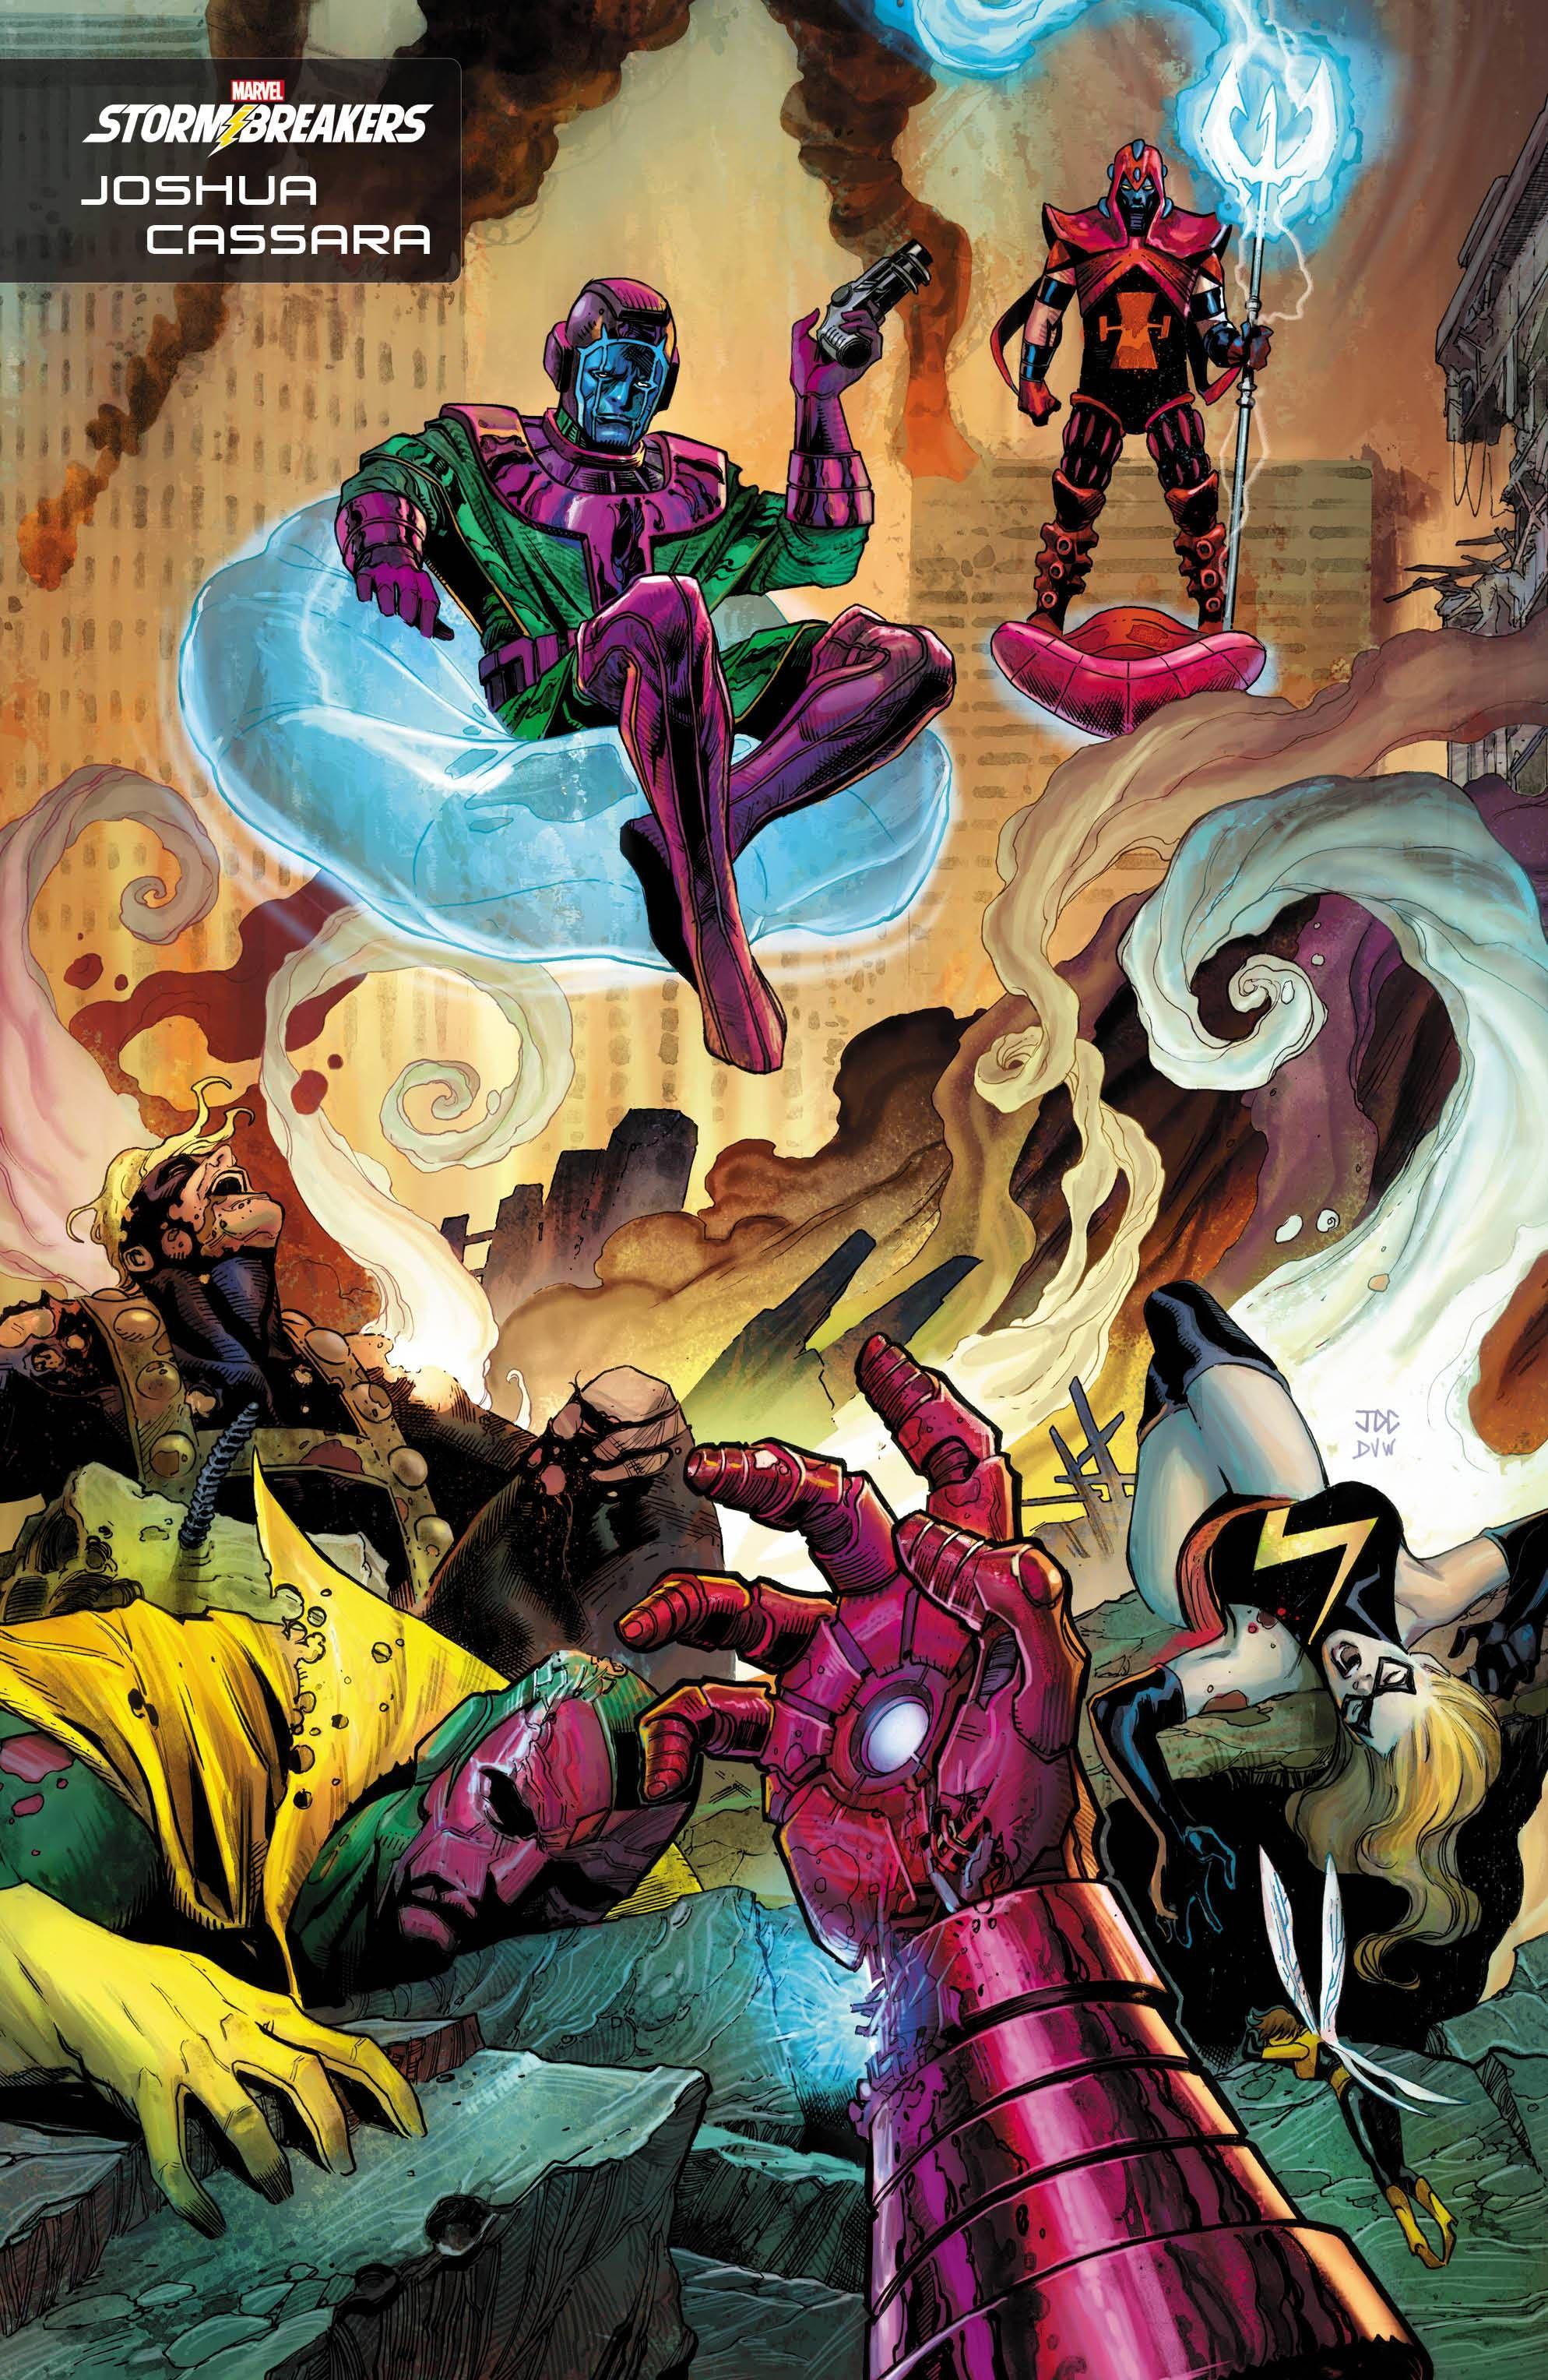 eyJidWNrZXQiOiJnb2NvbGxlY3QuaW1hZ2VzLnB1YiIsImtleSI6ImU2YTQxMzRlLTYwNTItNDk4OS1hZjViLTRiNTRjMmNjNzZjMi5qcGciLCJlZGl0cyI6W119 ComicList: Marvel Comics New Releases for 08/18/2021